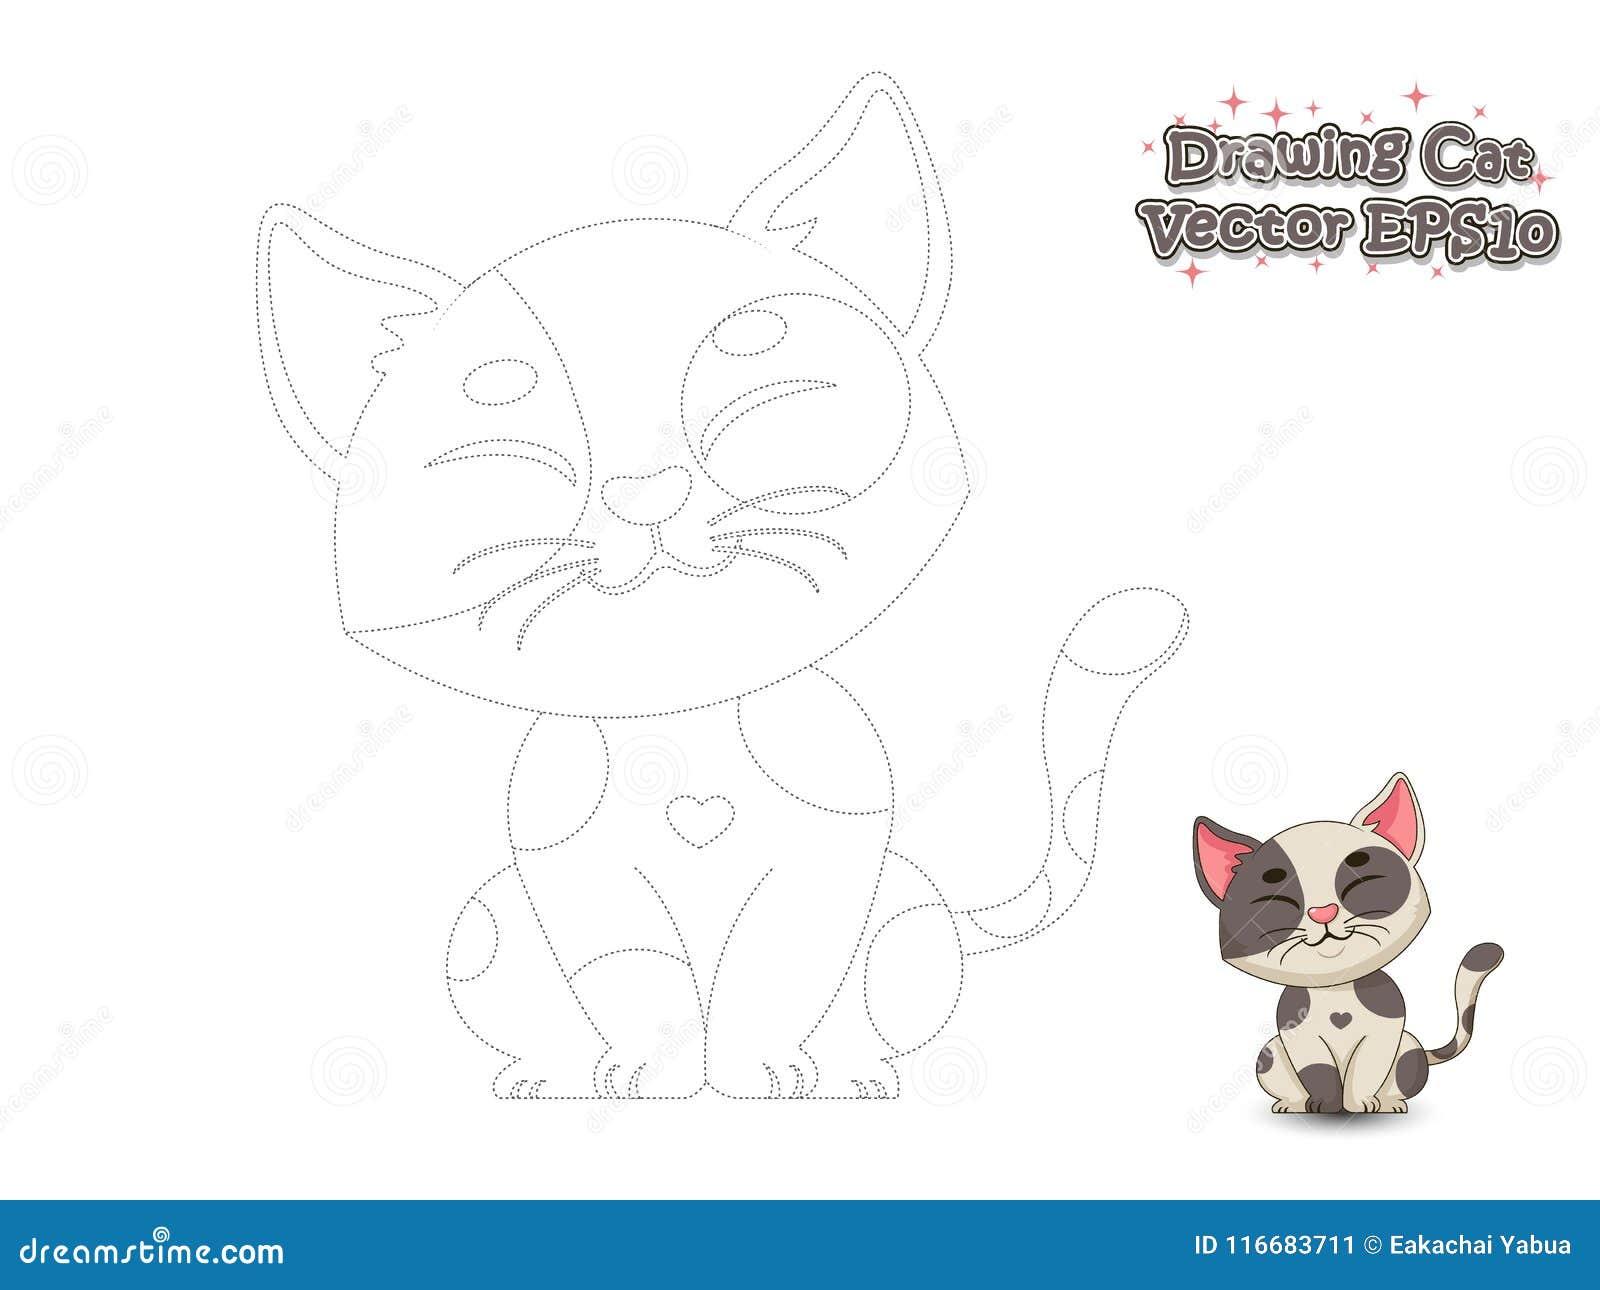 drawing paint cute cartoon cat educational game kids v drawing paint cute cartoon cat educational game kids vector